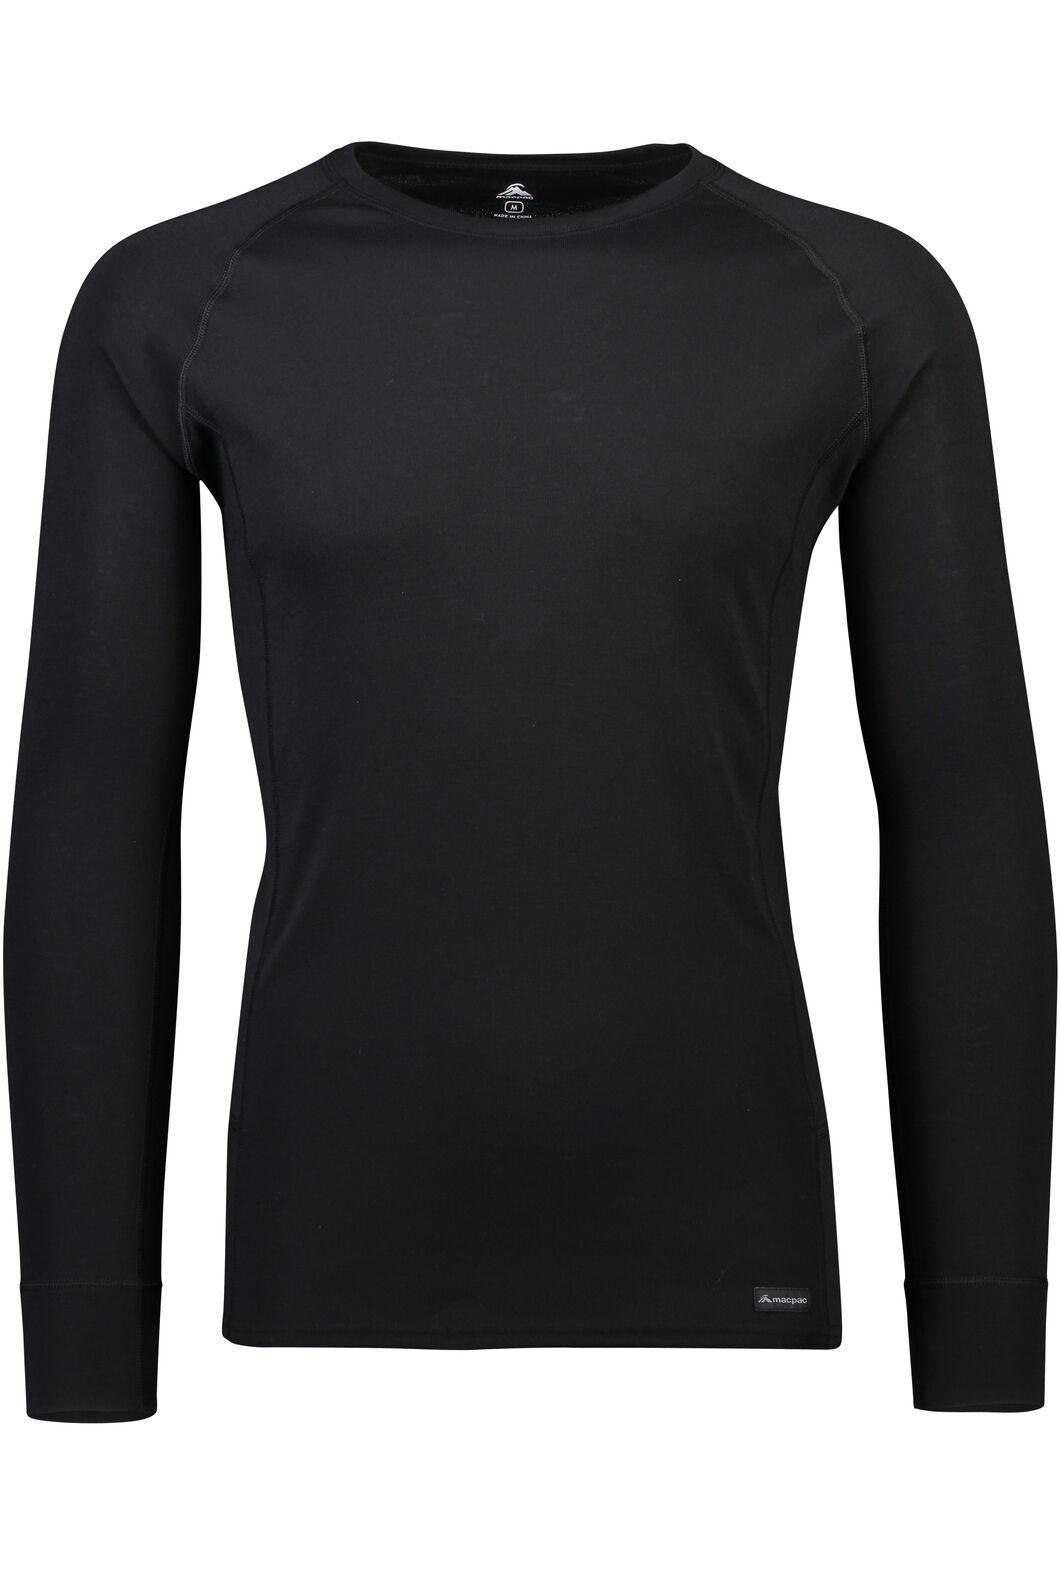 Macpac Geothermal Long Sleeve Top - Men's, Black, hi-res